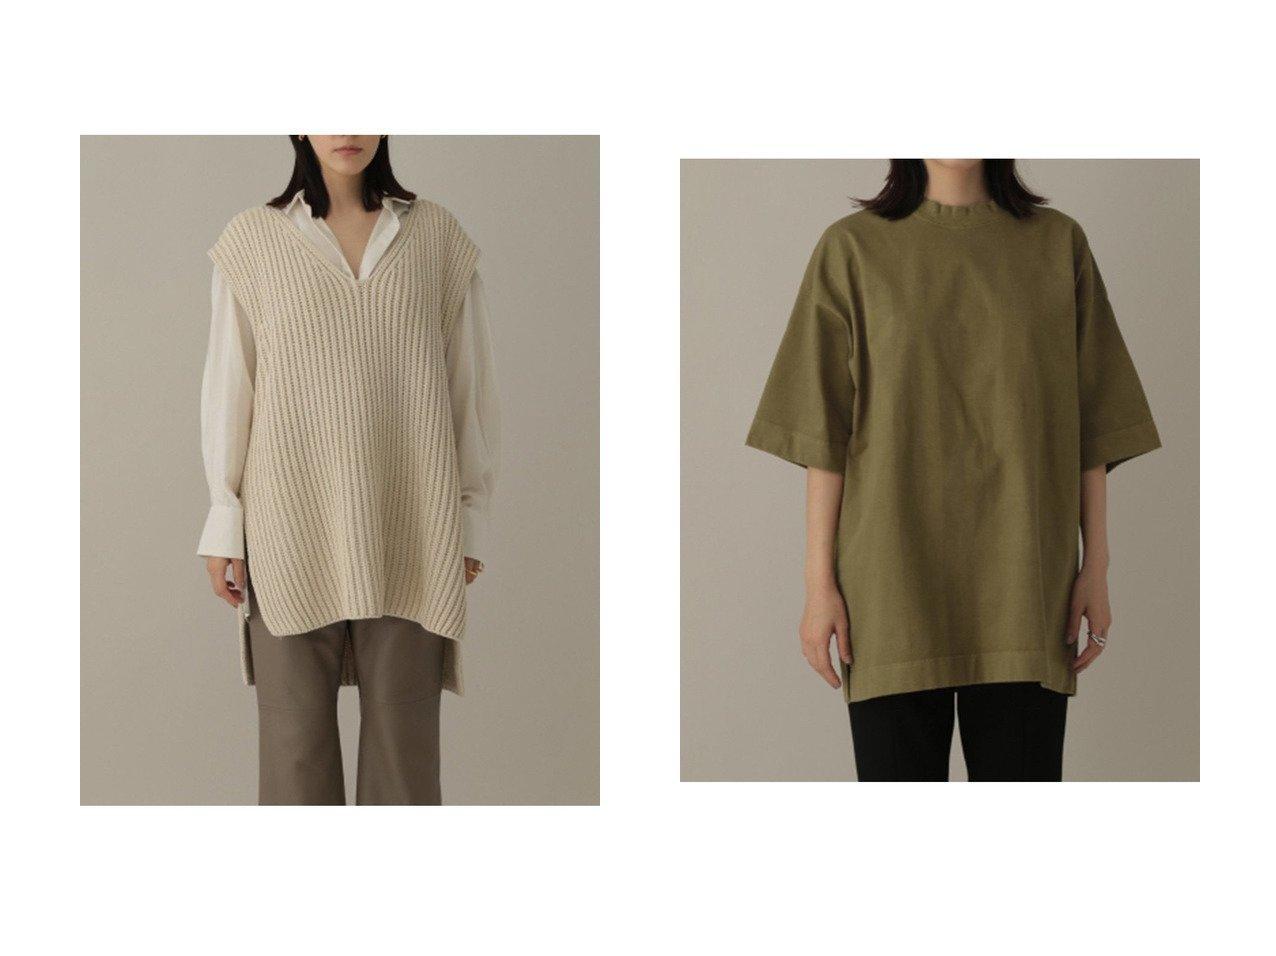 【Chaos/カオス】のプレーティングTシャツ&レイヤードソワニットベスト 【トップス・カットソー】おすすめ!人気、トレンド・レディースファッションの通販 おすすめで人気の流行・トレンド、ファッションの通販商品 インテリア・家具・メンズファッション・キッズファッション・レディースファッション・服の通販 founy(ファニー) https://founy.com/ ファッション Fashion レディースファッション WOMEN トップス・カットソー Tops/Tshirt シャツ/ブラウス Shirts/Blouses ロング / Tシャツ T-Shirts アウター Coat Outerwear ニット Knit Tops ベスト/ジレ Gilets/Vests 2021年 2021 2021-2022秋冬・A/W AW・Autumn/Winter・FW・Fall-Winter・2021-2022 A/W・秋冬 AW・Autumn/Winter・FW・Fall-Winter アクリル スウェット ヴィンテージ ベスト |ID:crp329100000054101